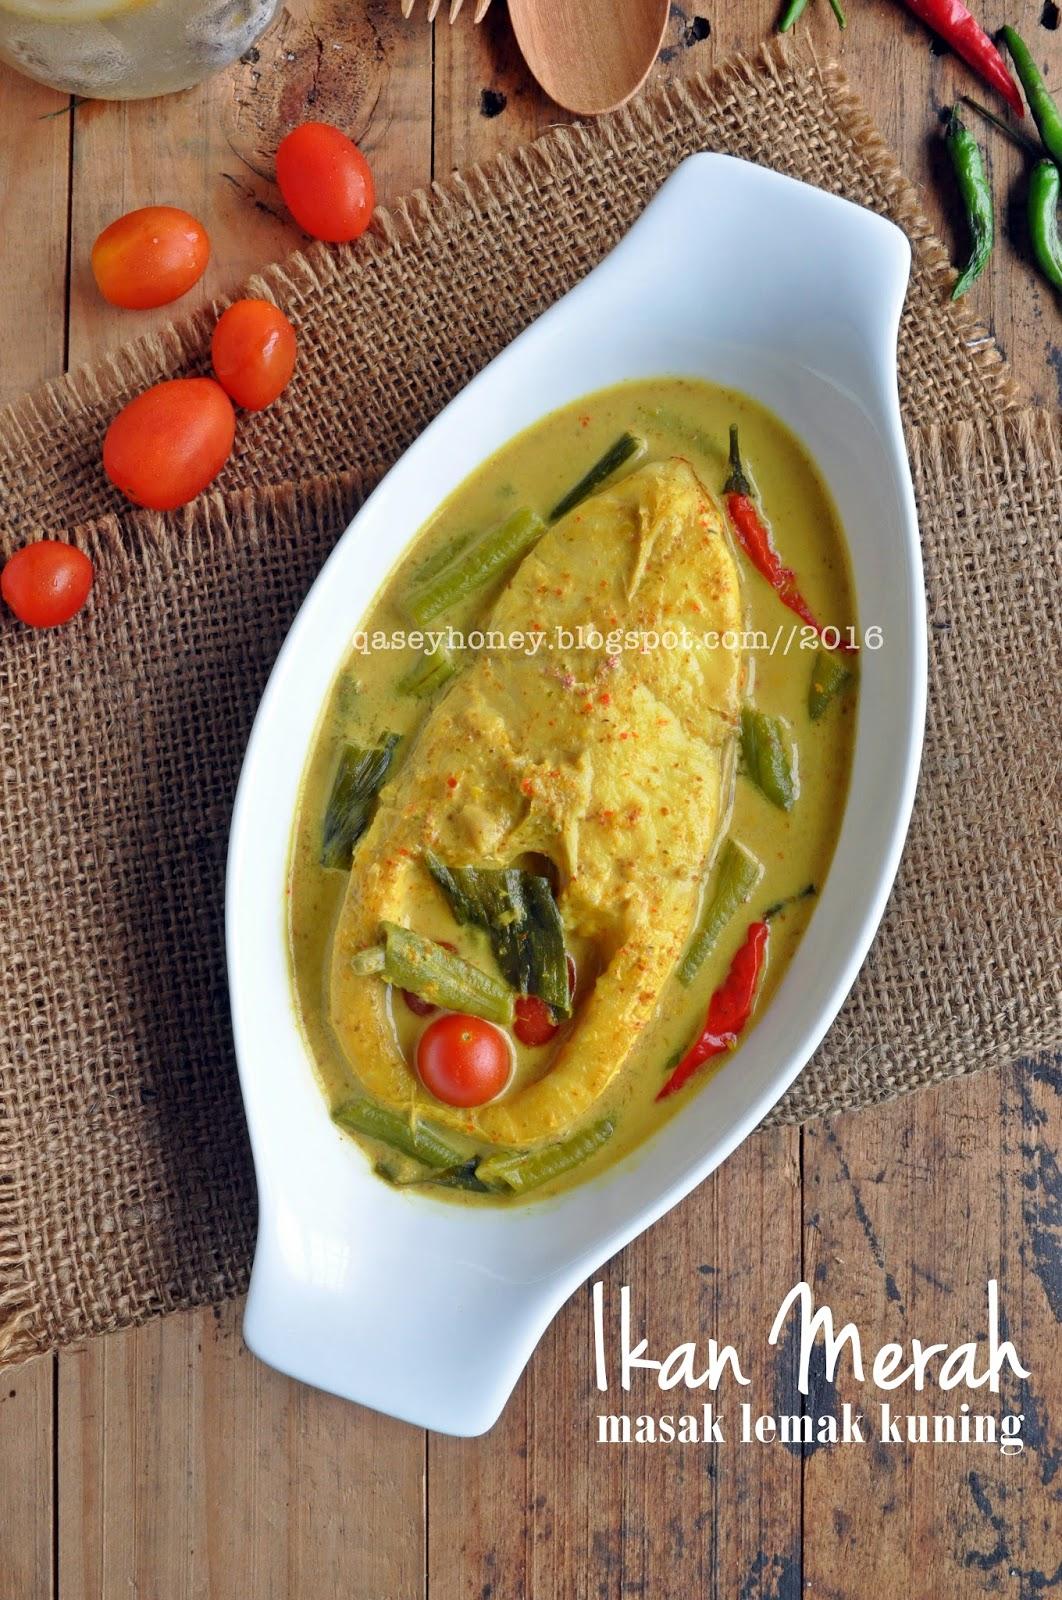 Ikan Merah Masak Lemak Kuning Qasey Honey